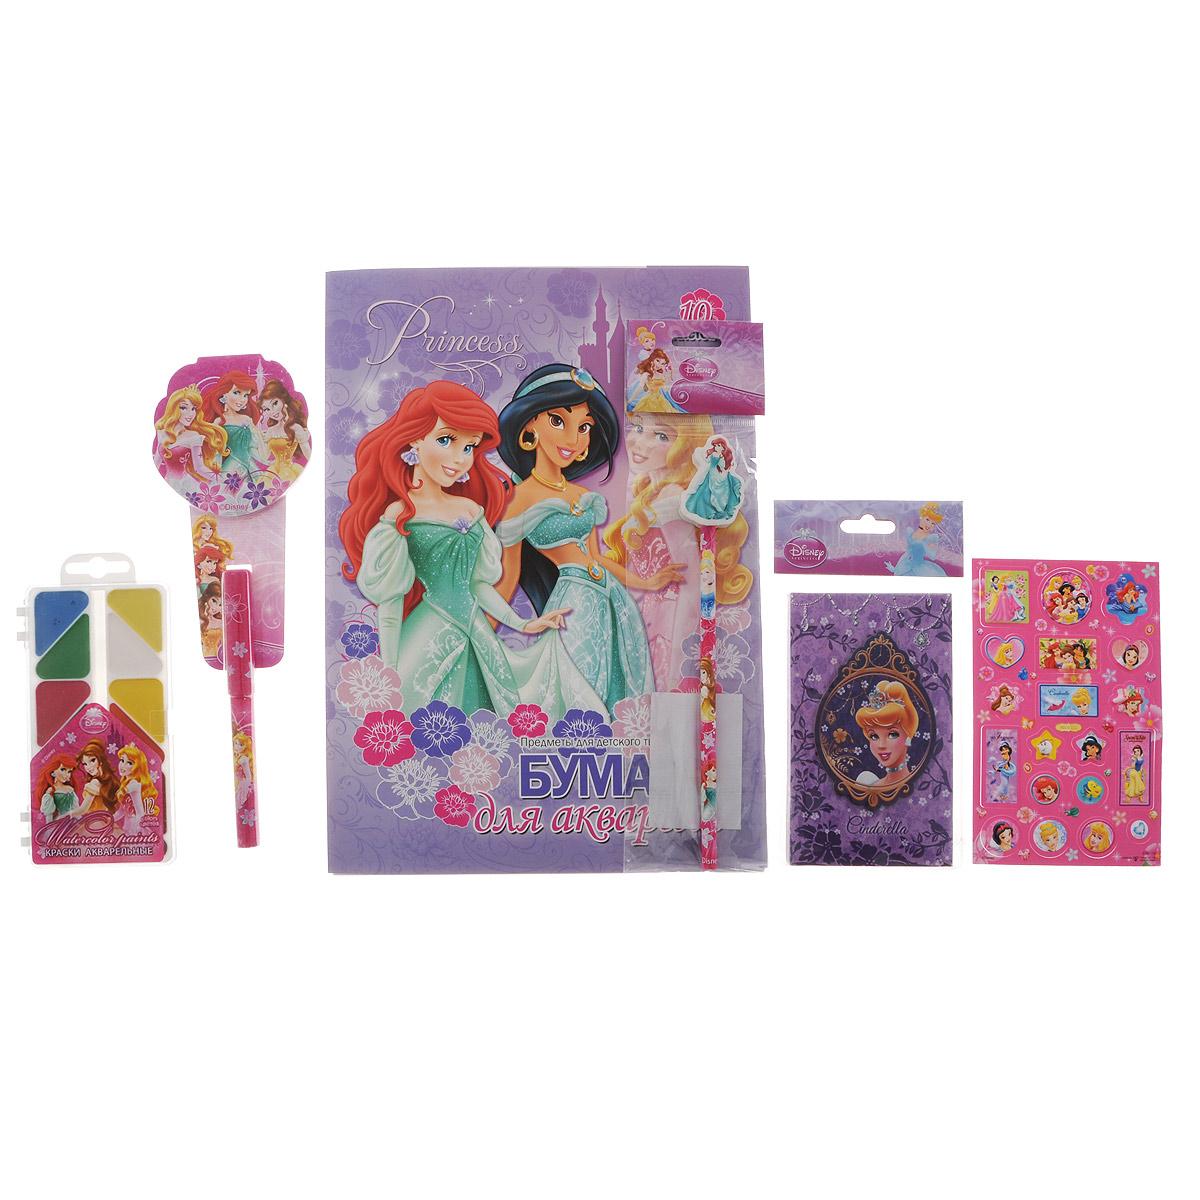 Подарочный канцелярский набор Disney Princess. PRСZ-US1-AZ15-BOX2Нп4_10882Канцелярский набор Disney Princess станет незаменимым атрибутом в учебе любой школьницы.Он включает в себя 10 листов бумаги для акварели, чернографитный карандаш с ластиком, телефонную книжку, лист с объемными стикерами, акварельные краски в футляре (12 цветов), небольшой блокнотик и ручку.Все предметы набора оформлены изображениями диснеевских принцесс. Упакован набор в картонную подарочную упаковку. УВАЖАЕМЫЕ КЛИЕНТЫ! Обращаем ваше внимание на возможные изменения в дизайне предметов набора, связанные с ассортиментом продукции. Поставка осуществляется в зависимости от наличия на складе.